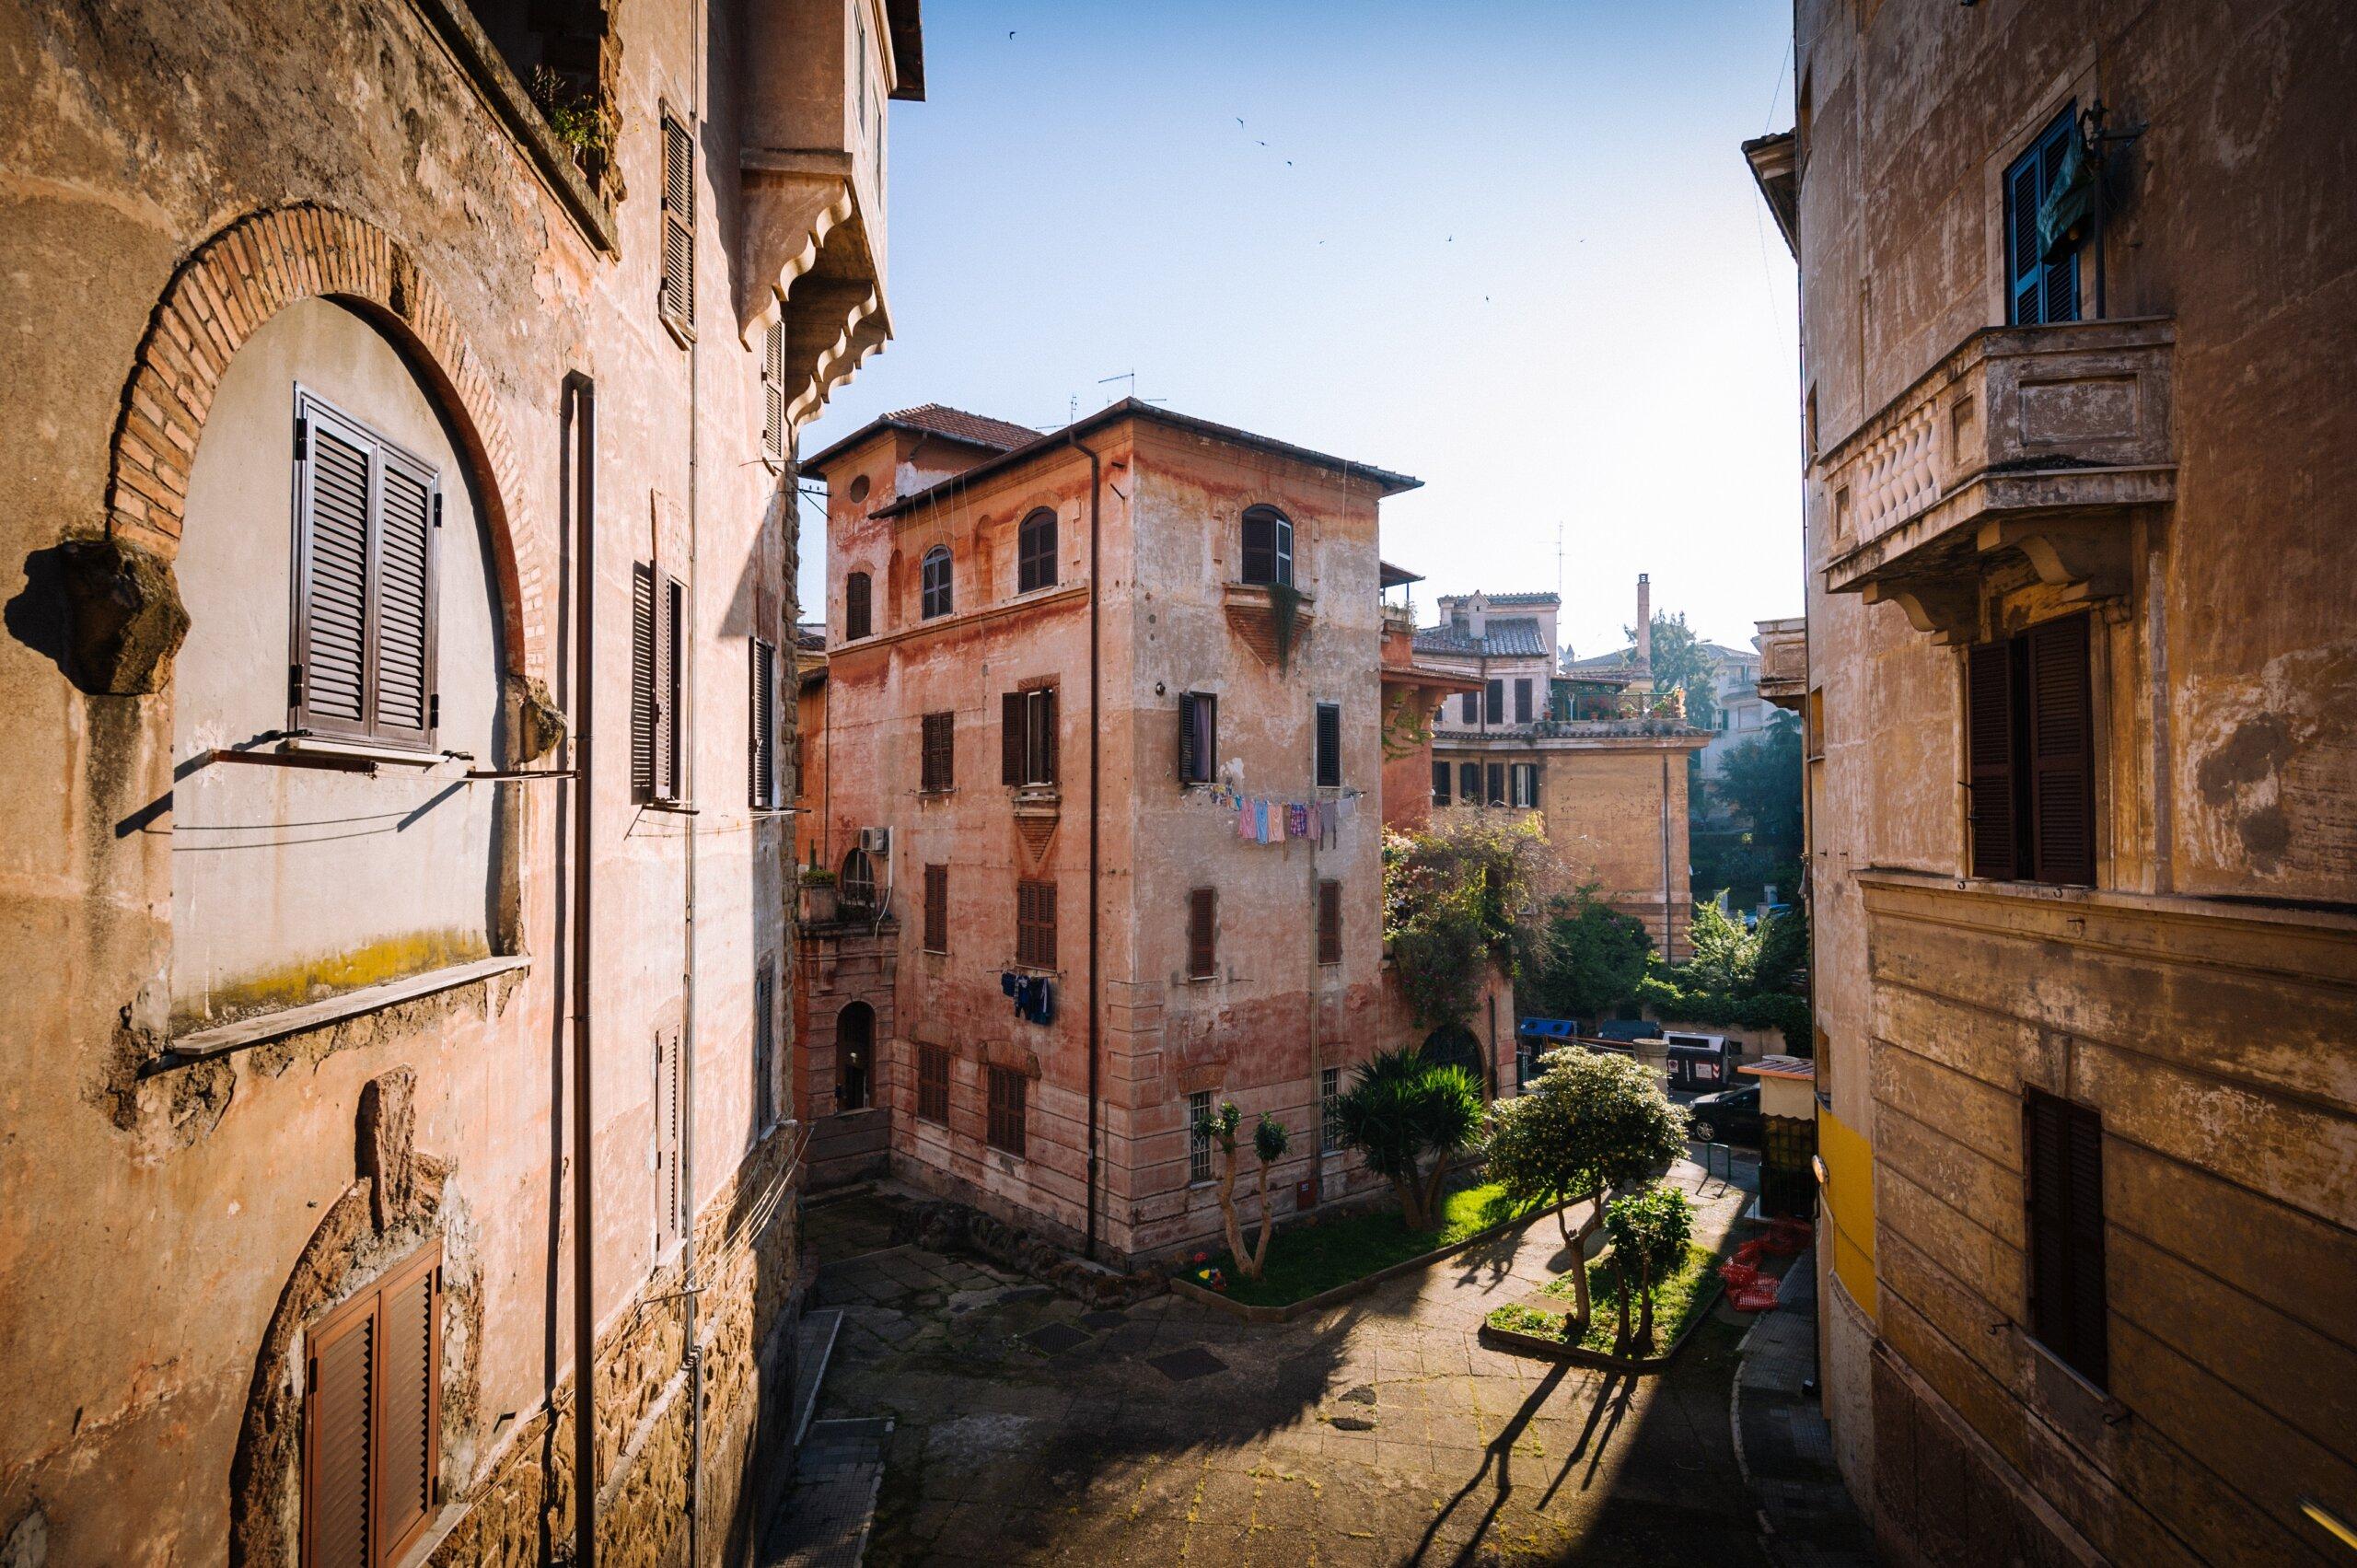 Rzym jak zorganizować podróż i gdzie spać ulica stara zabudowa